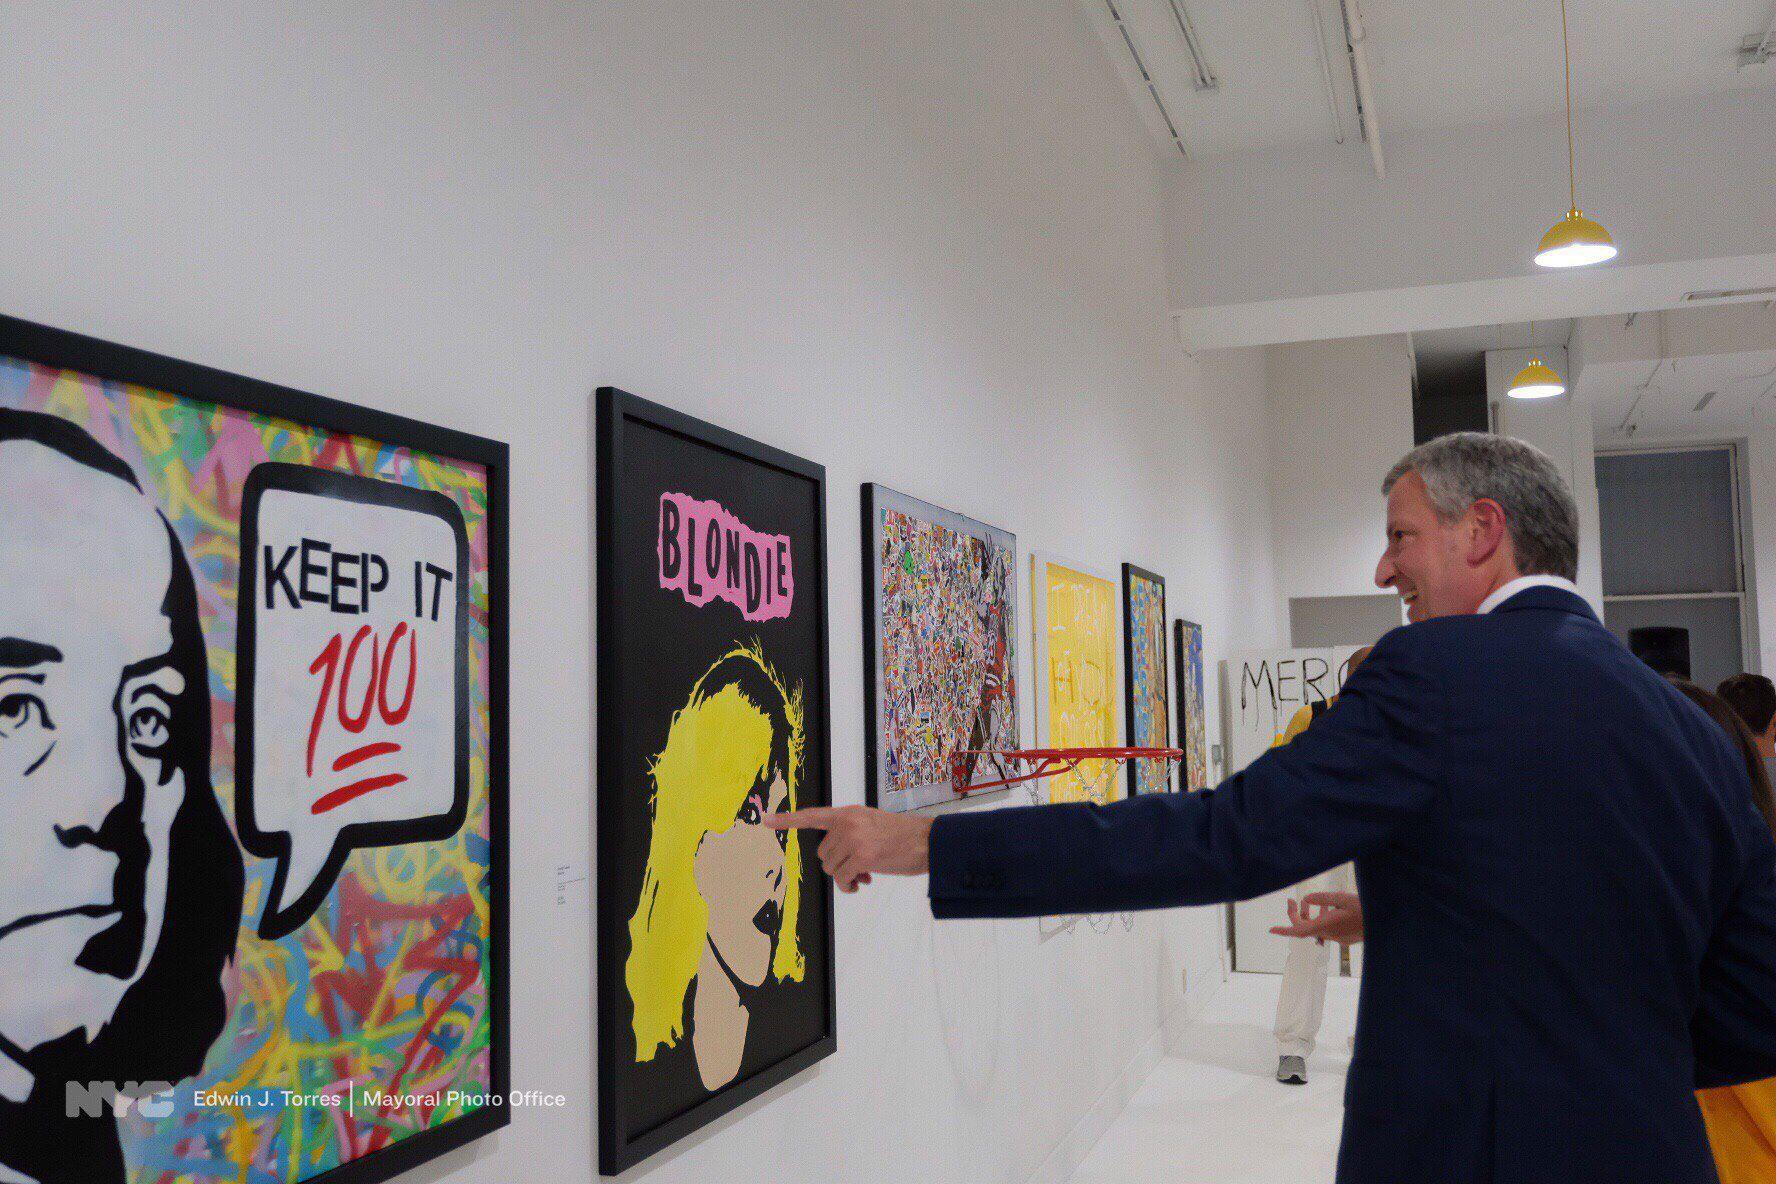 Mayor Bill de Blasio visits Arlette Tebele's pop-up gallery show in 2017.